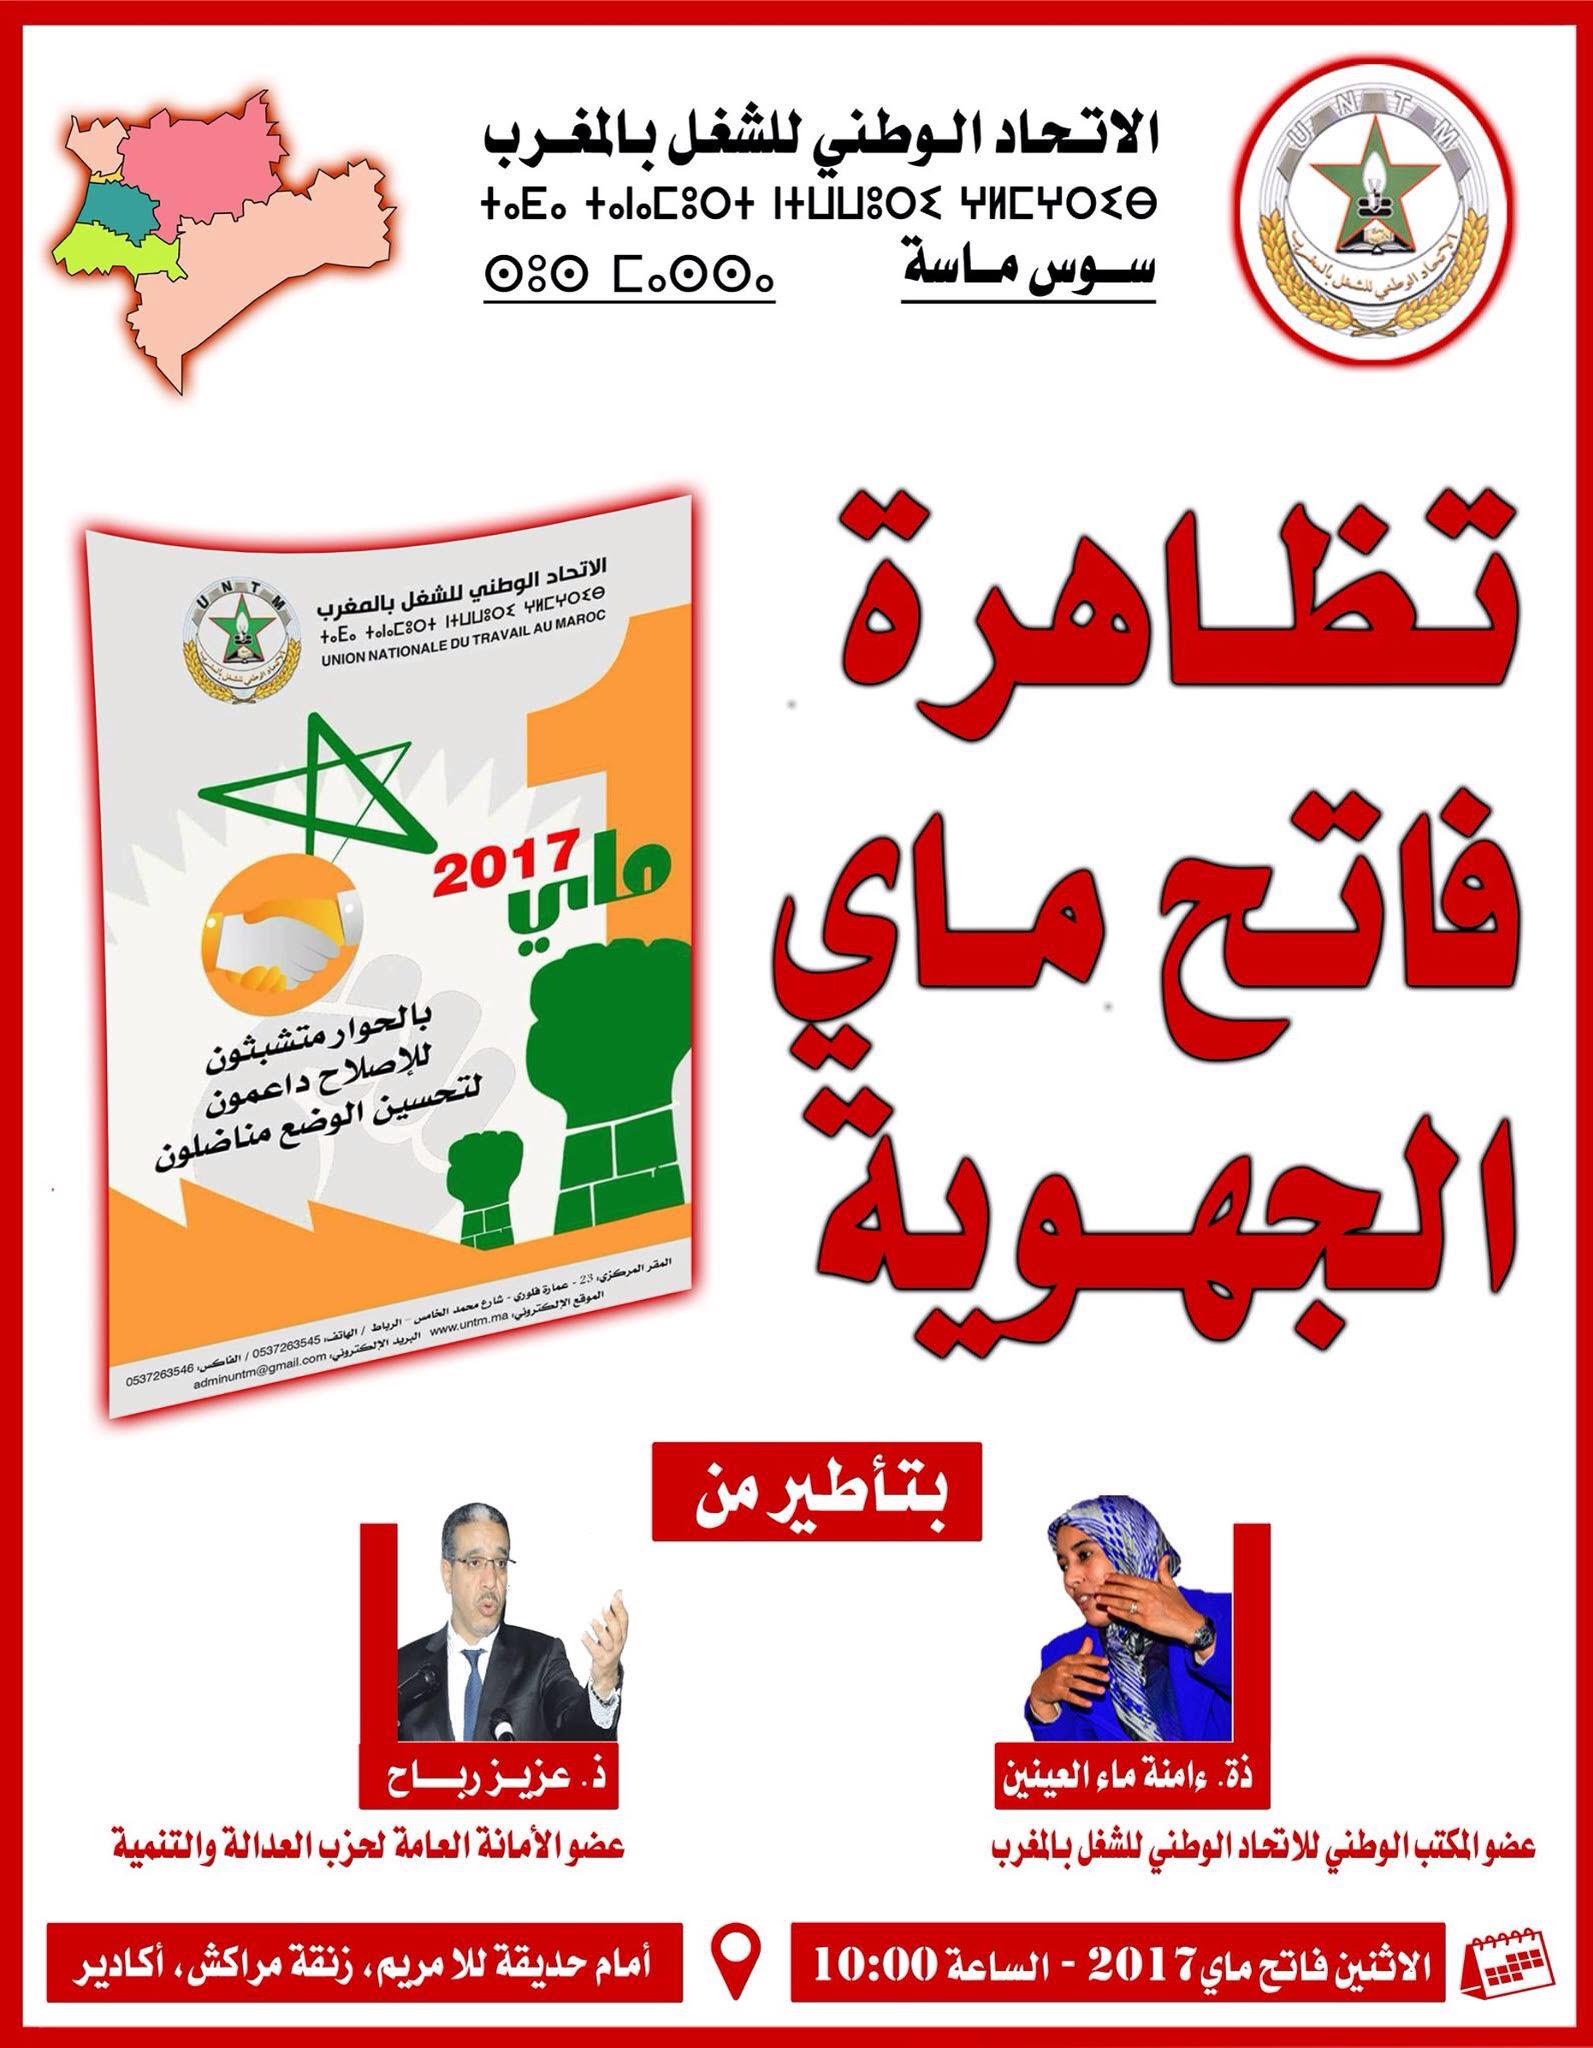 الاتحاد الوطني للشغل بالمغرب ينظم تظاهرة فاتح ماي الجهوية بأكادير